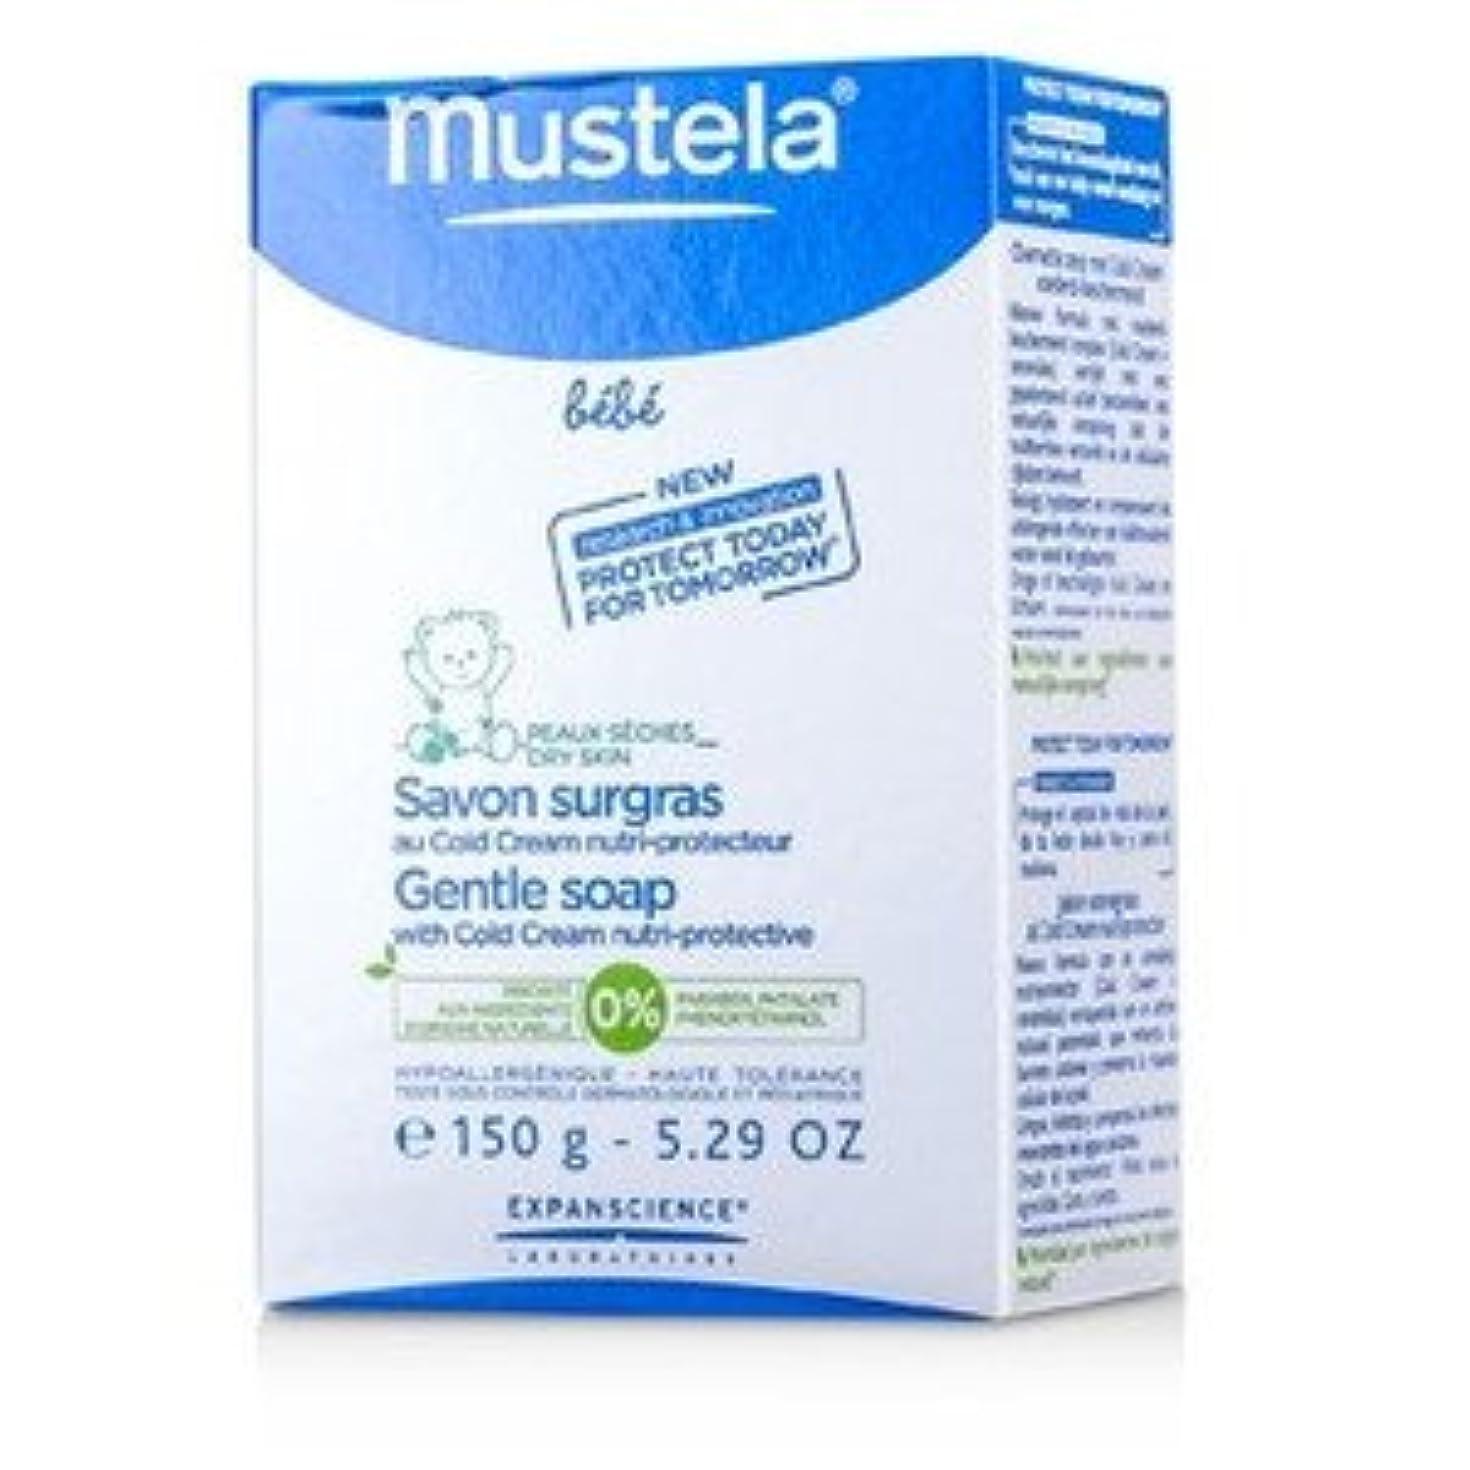 不一致より良い糞Mustela ジェントル ソープ with コールドクリーム 150g/5.29oz [並行輸入品]